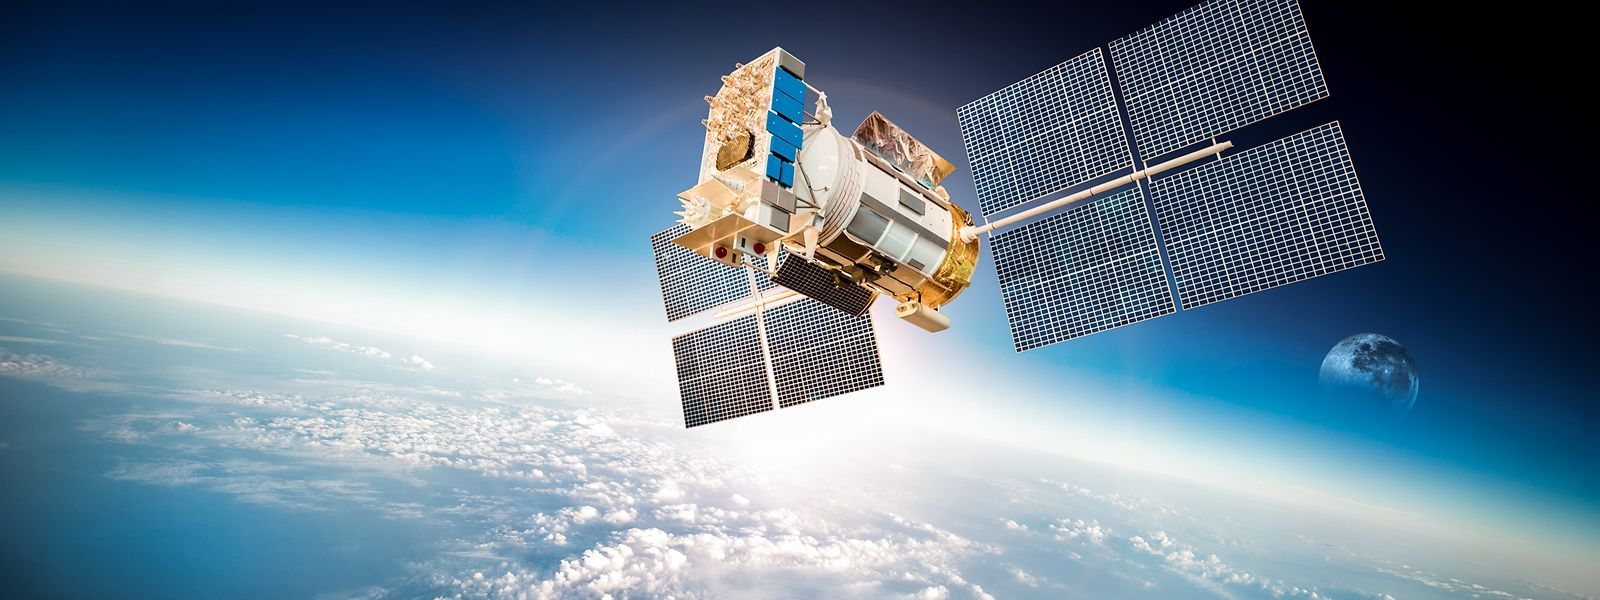 Les images enregistrées par les satellites permettent d'obtenir desrenseignements sur l'état d'un champ lorsqu'une catastrophe naturelle s'est produite.